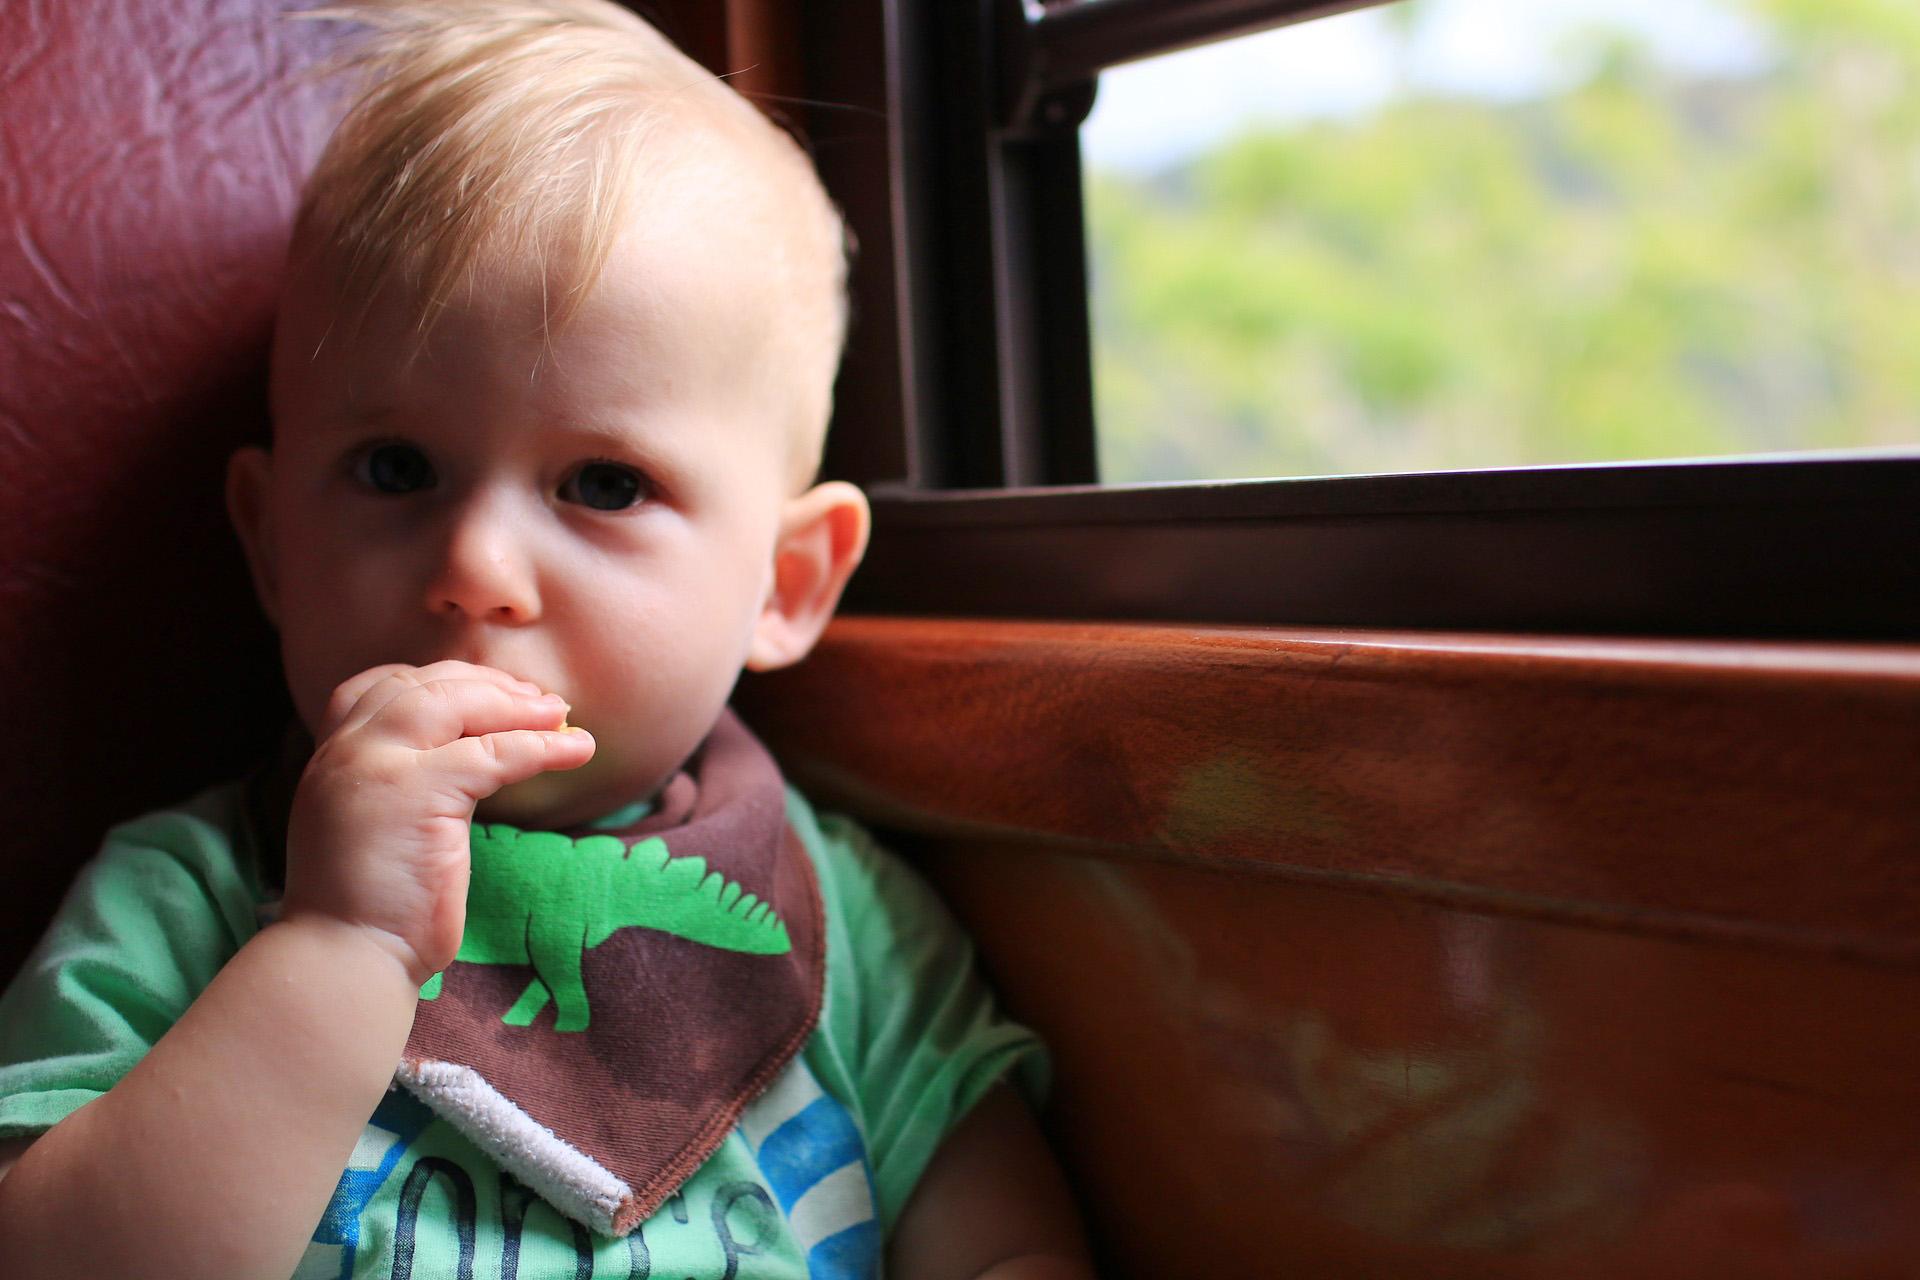 Pranzo Per Bambini 18 Mesi : Mozzarella e bambini quando possono cominciare a mangiarla e come